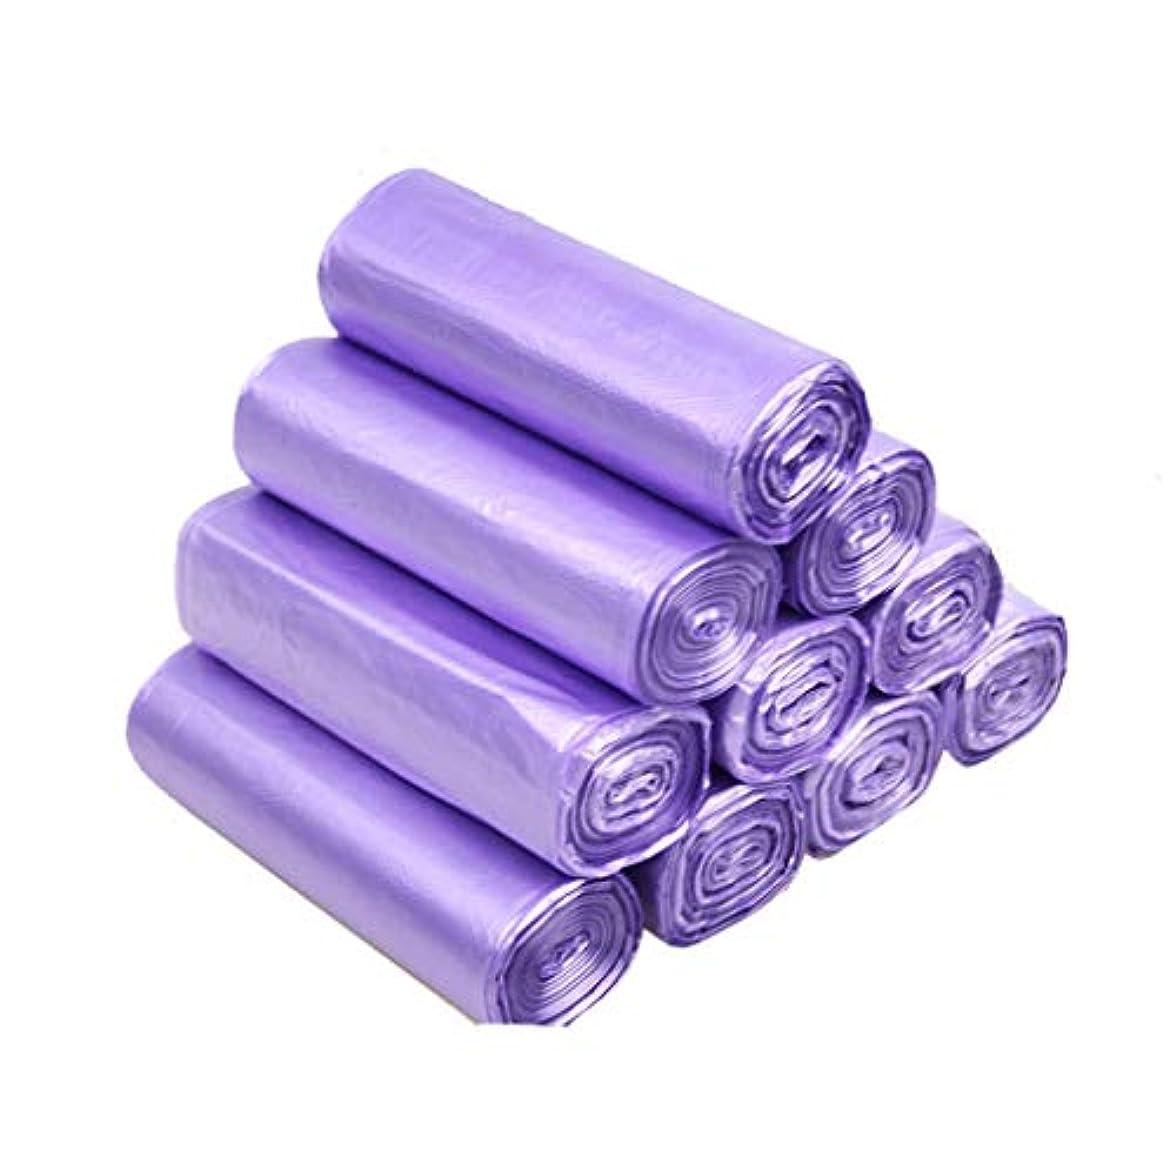 率直な効果的に重なる家庭用ゴミ袋ペダル袋小箱ヘビーデューティ長方形箱なしゴミ袋クロージングゴミ袋ゴミ箱ゴミ袋PE食品ゴミ袋ゴミ袋(サイズ:45×50cm) (サイズ さいず : 10 rolls of incense 200 bags)